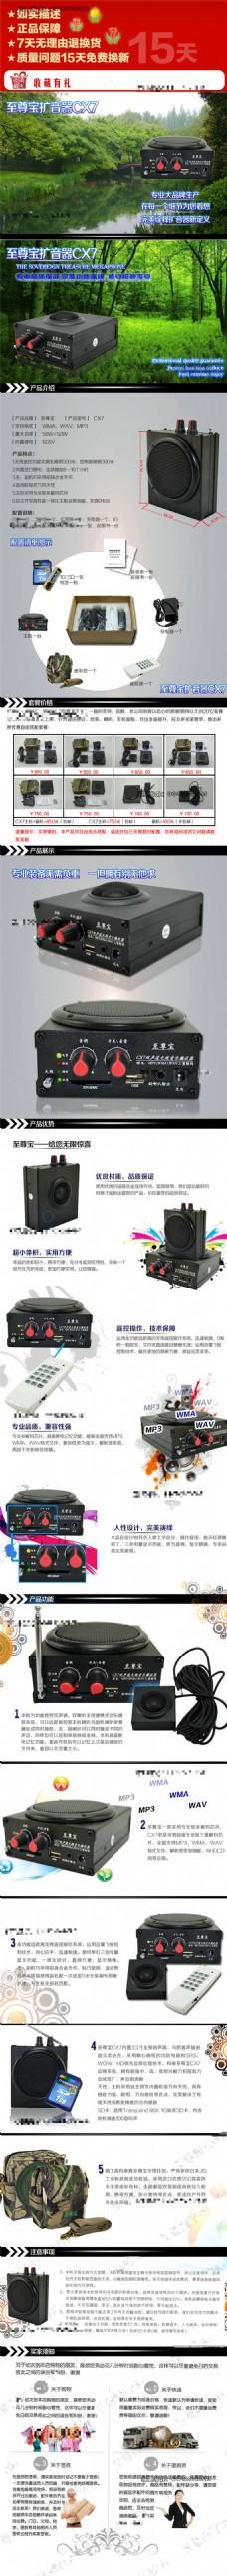 电子产品淘宝电商数码家电详情页设计图